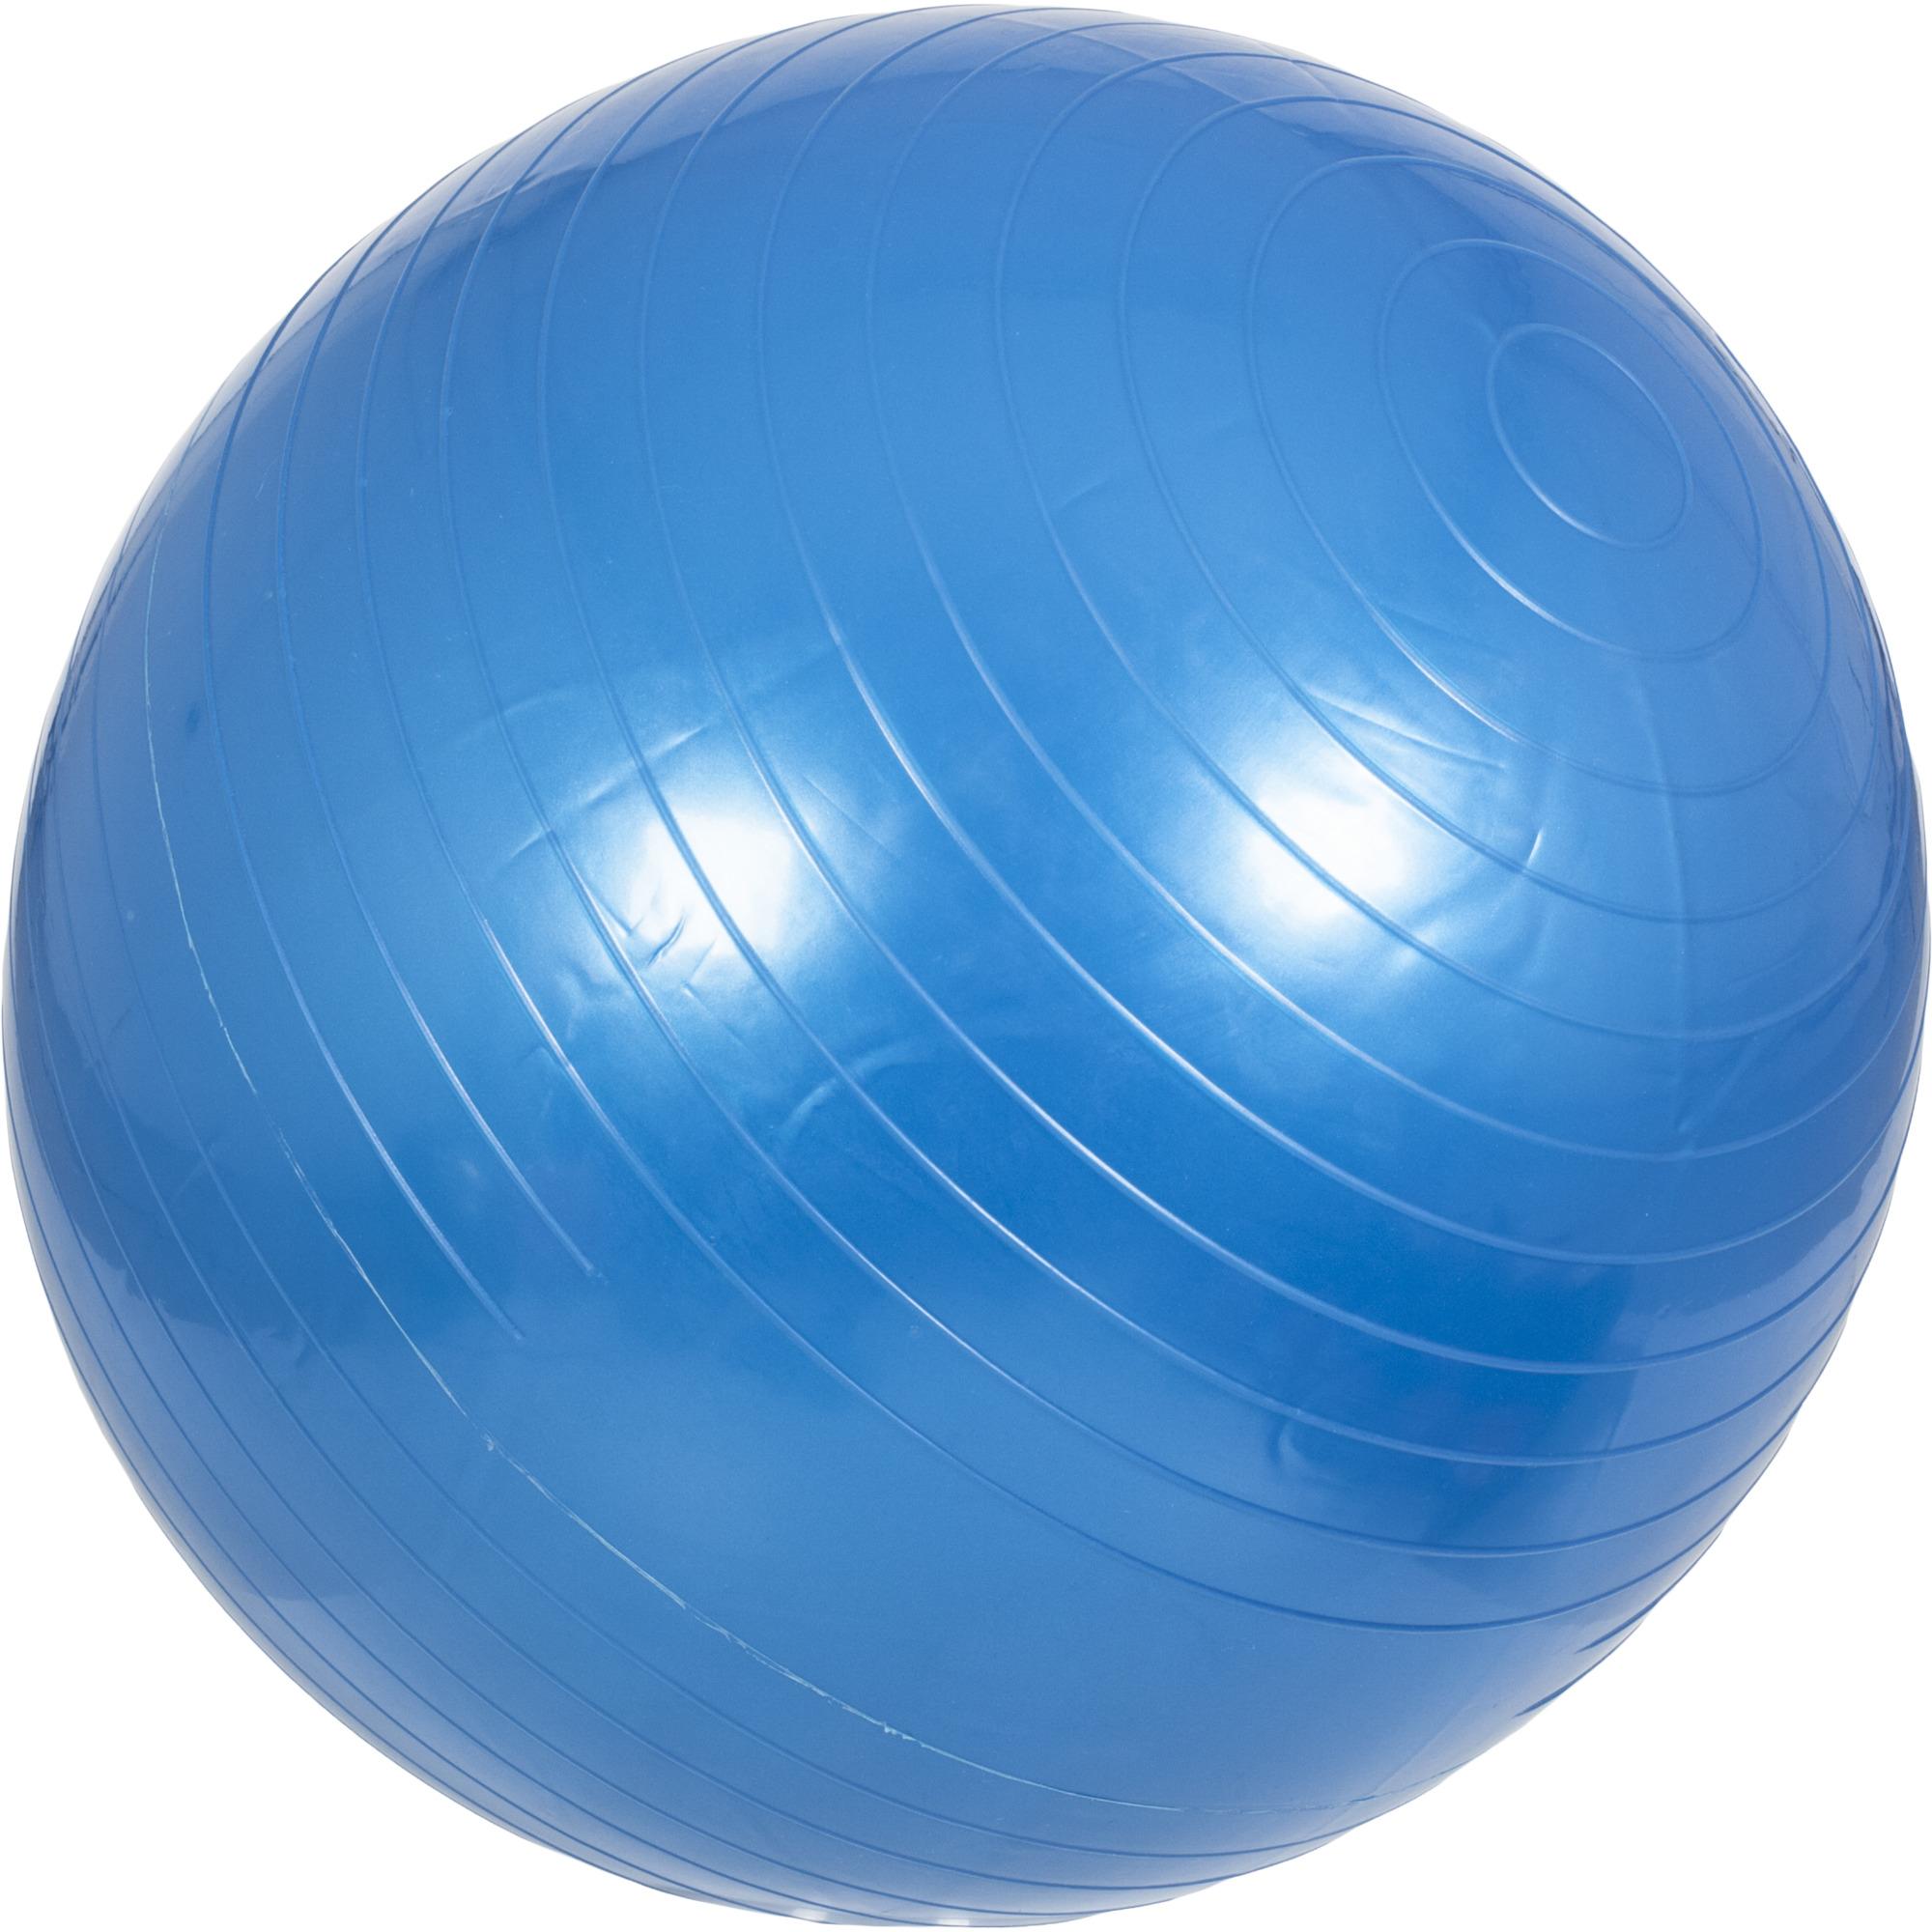 Gymnastikball Blau 55 cm